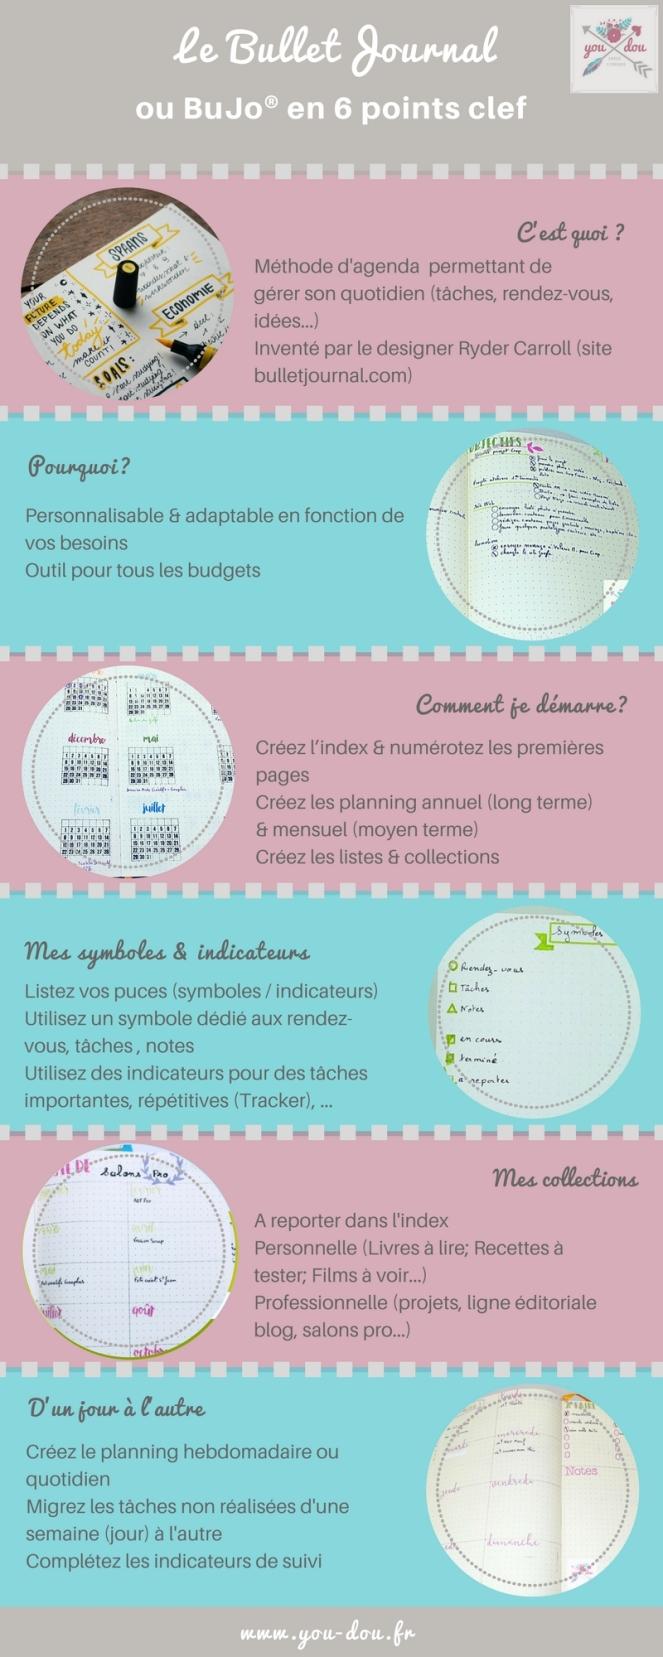 Bujo_infographie.jpg